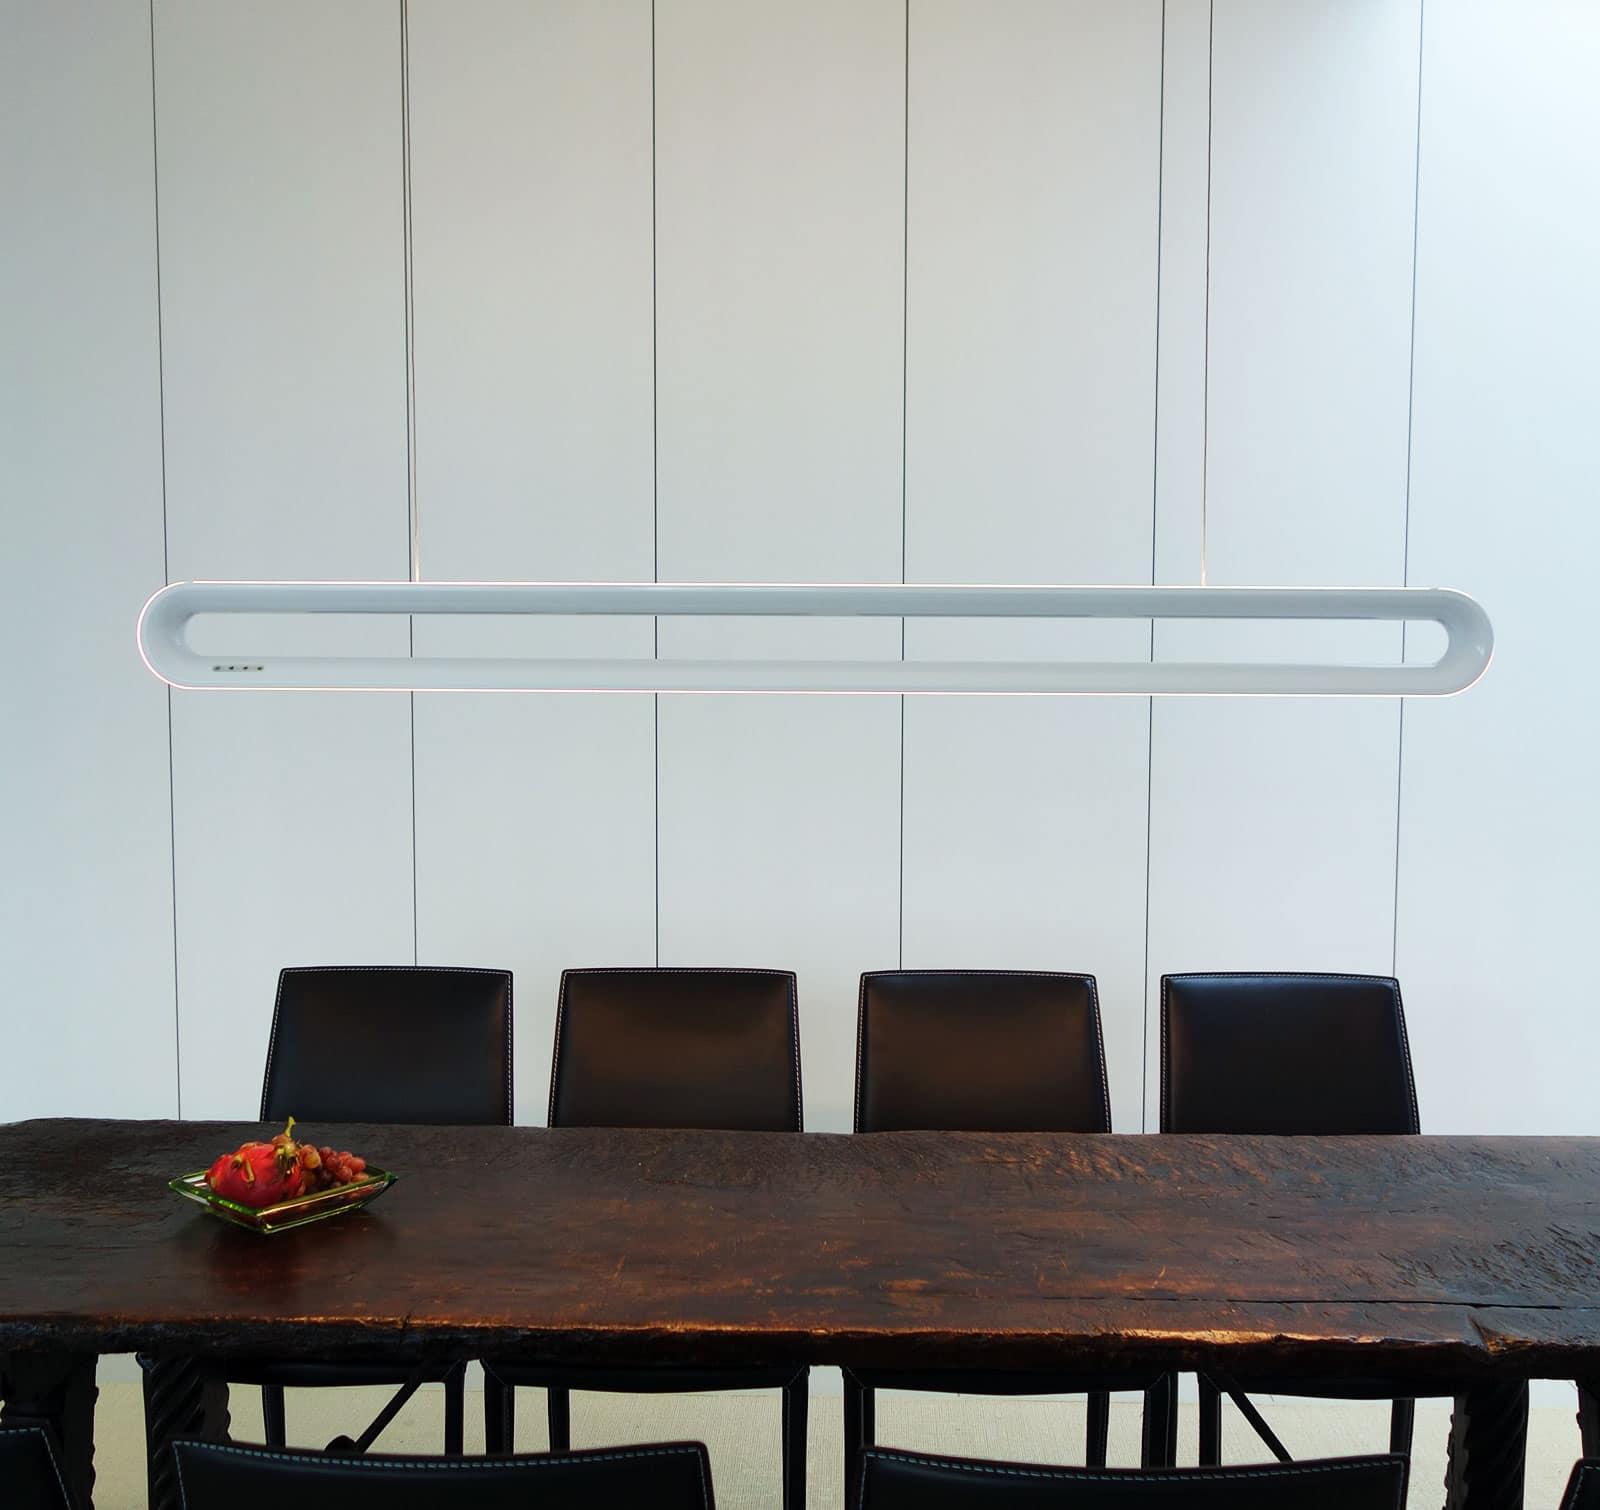 Tischbeleuchtung loop p 1500